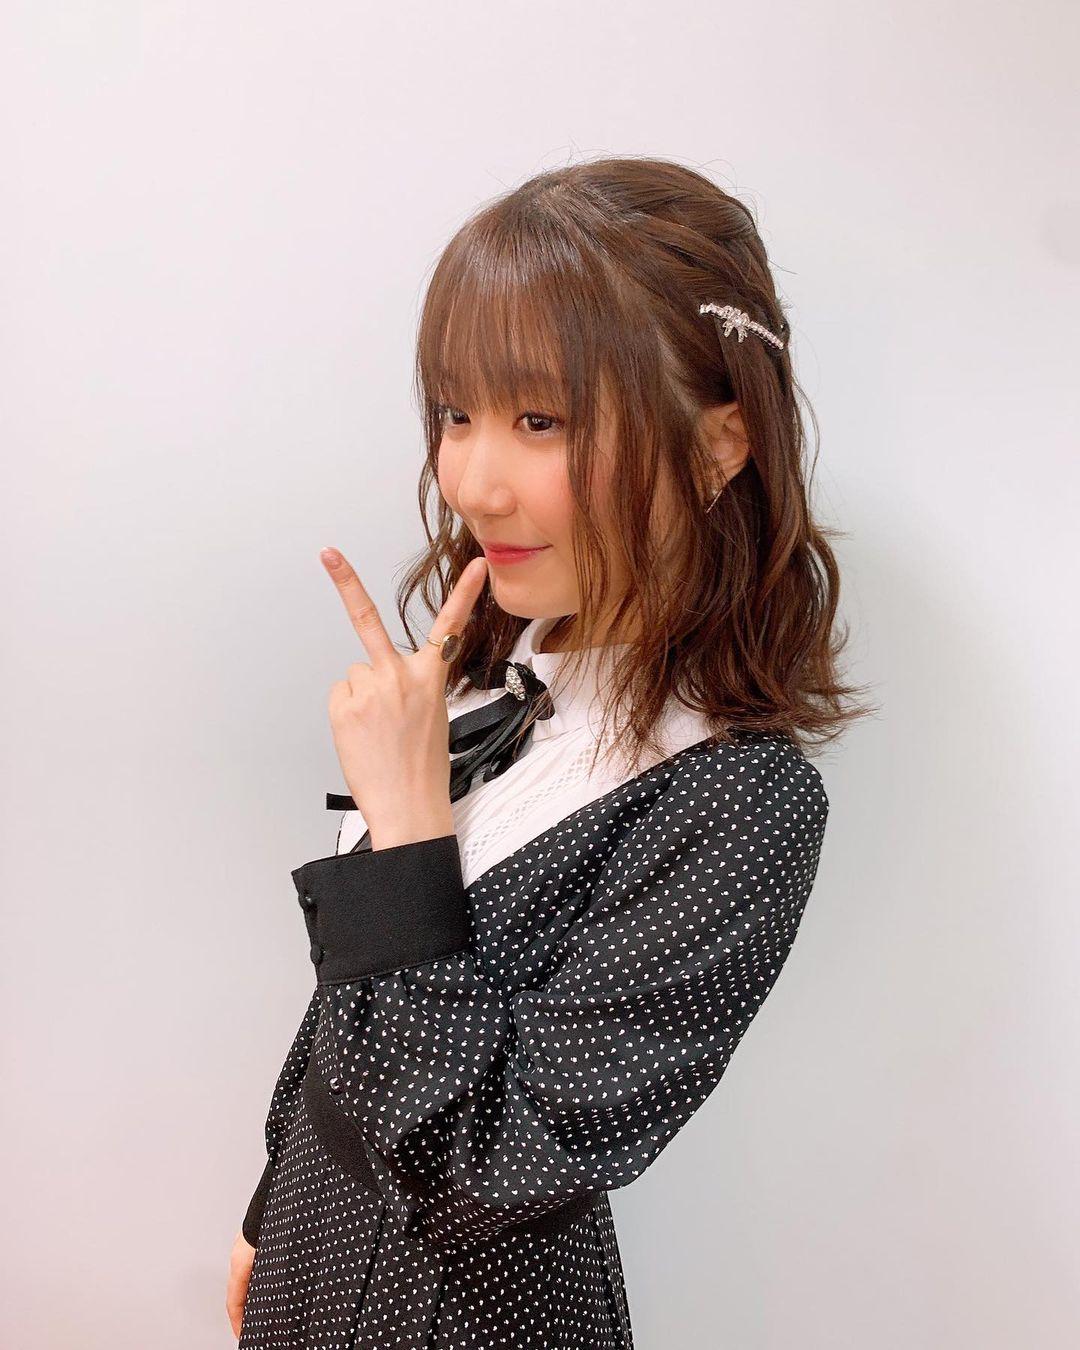 hidaka_rina084.jpg